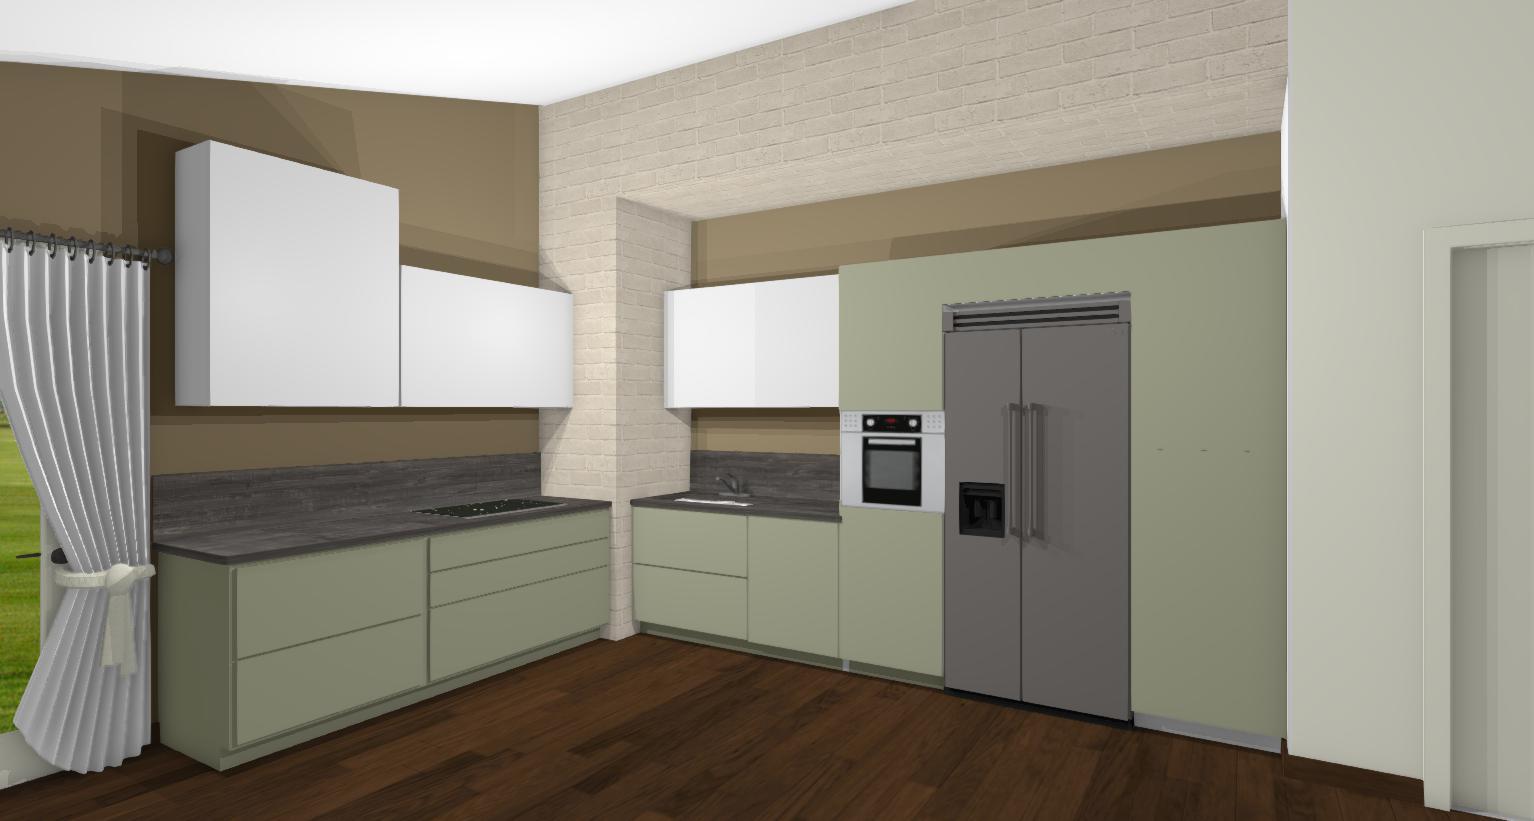 Mensole In Cartongesso Ad Angolo come trasformare una cucina lineare in angolare - lineatre